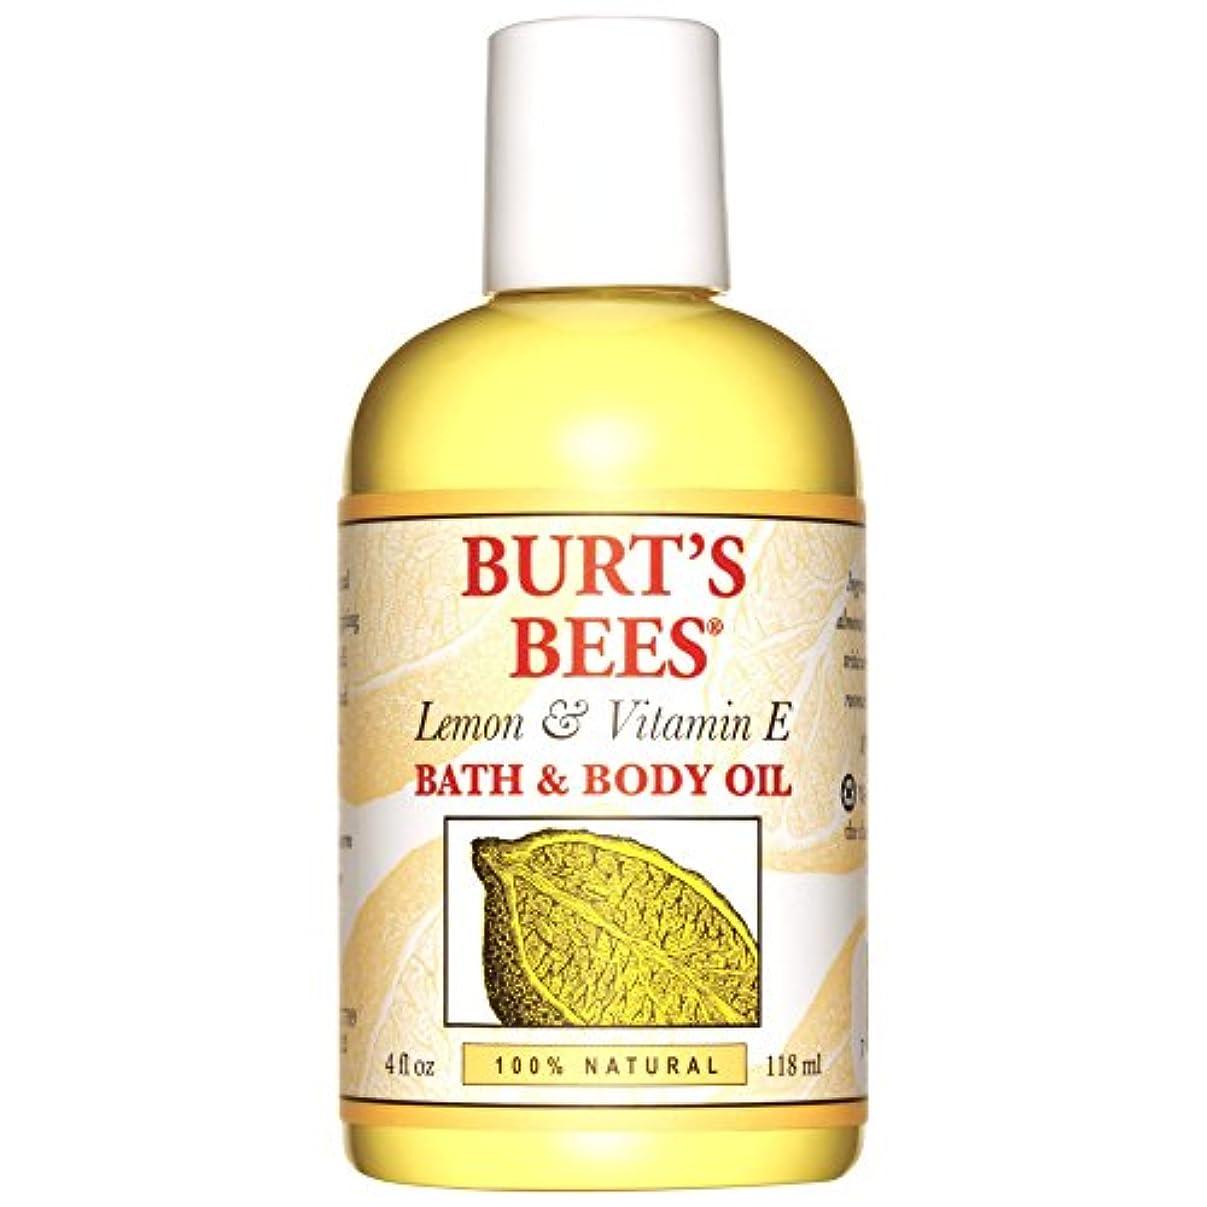 減少不快高価なバーツビーレモンとビタミンEバス、ボディオイル118ミリリットル (Burt's Bees) - Burt's Bees Lemon and Vitamin E Bath and Body Oil 118ml [並行輸入品]